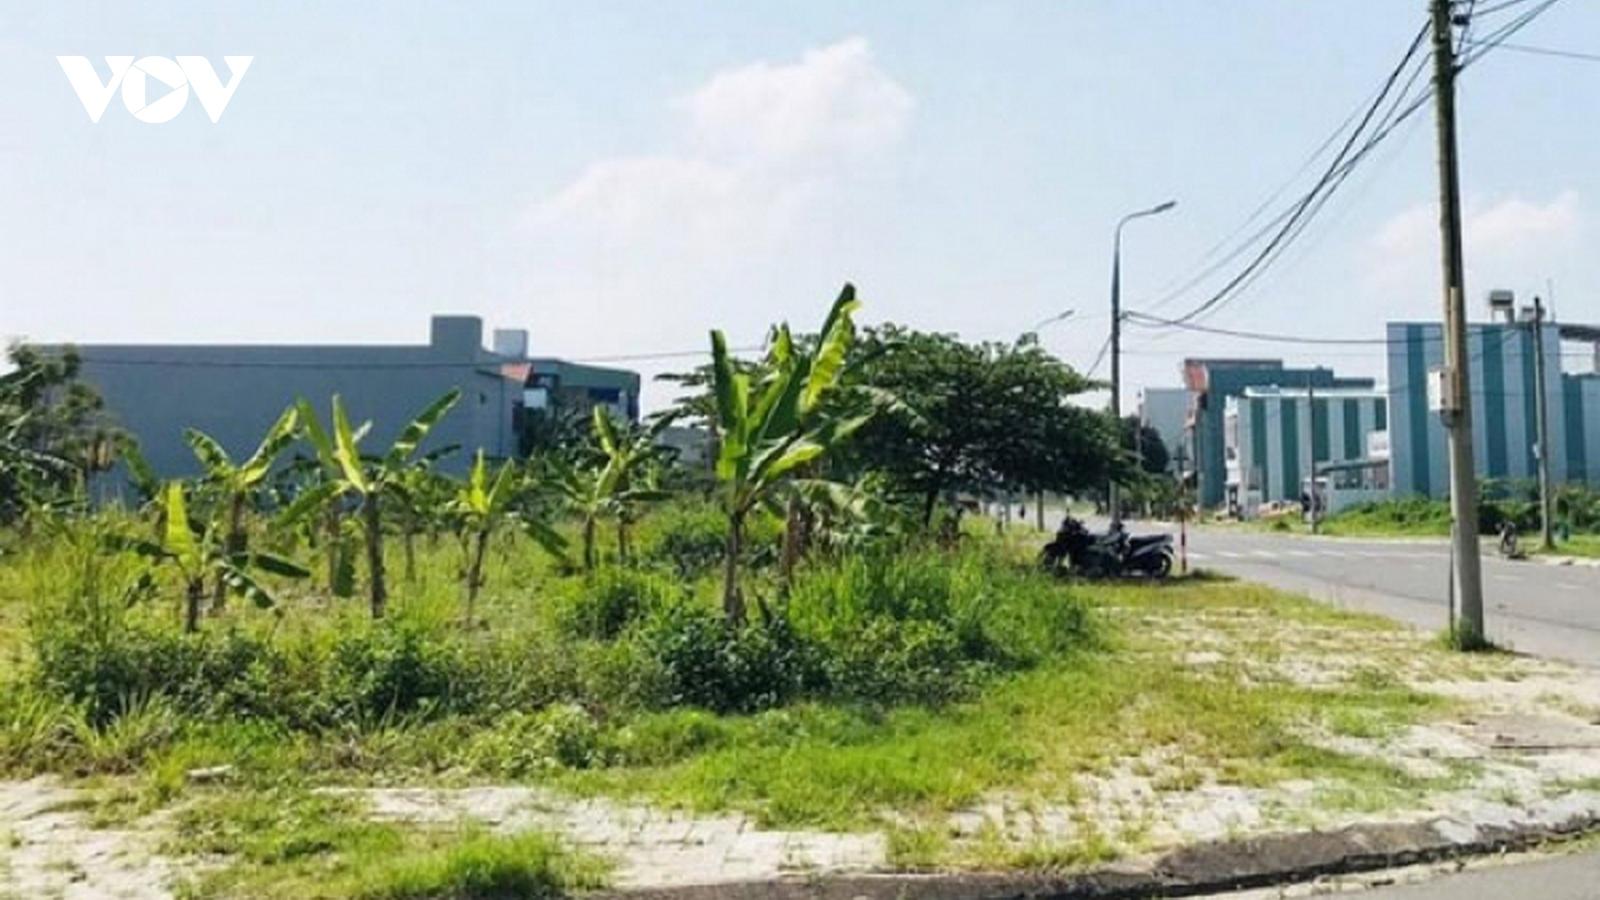 Giá đất thương mại dịch vụ và kinh doanh của Đà Nẵng được điều chỉnh giảm 10%